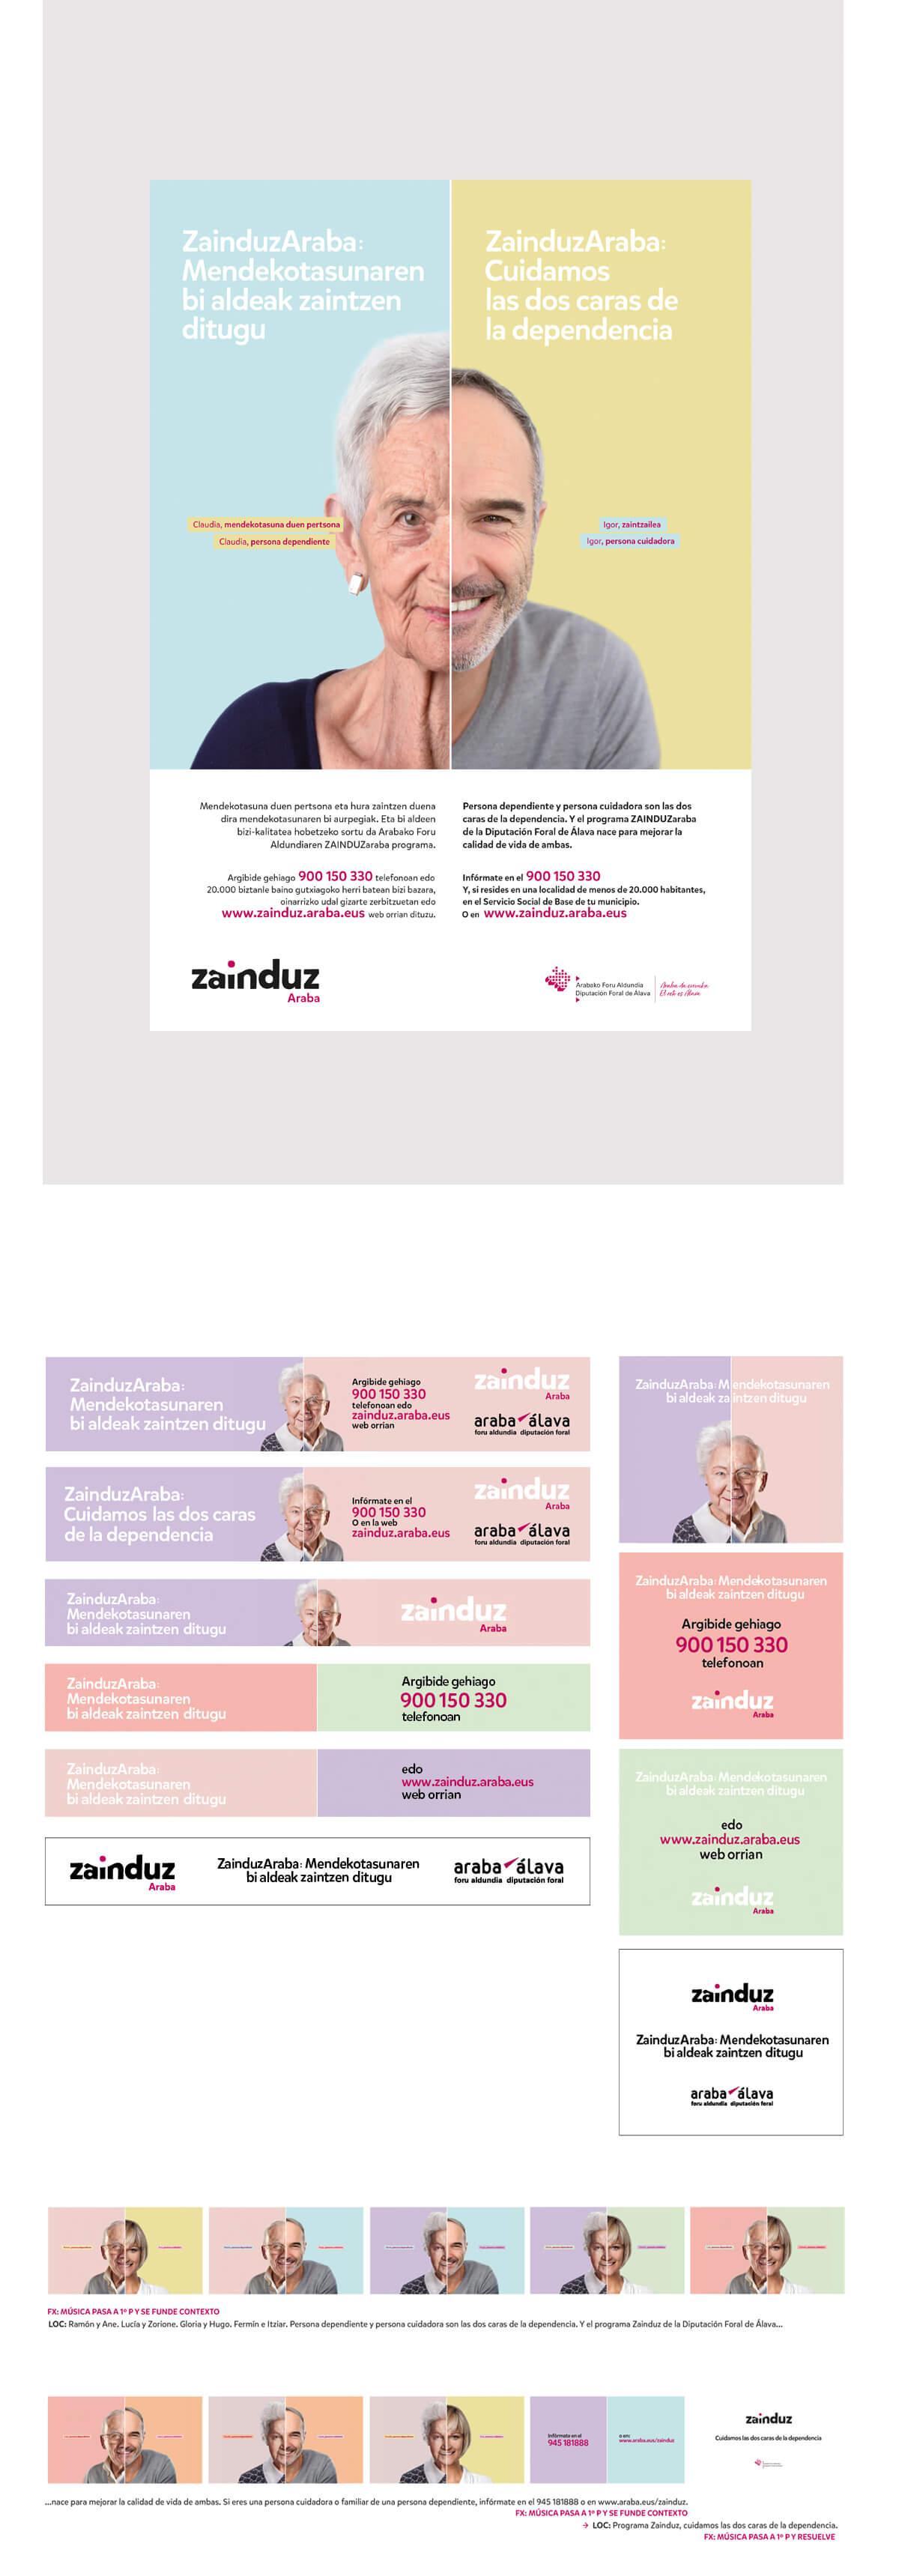 Campaña de Comunicación 360º, zainduz 03